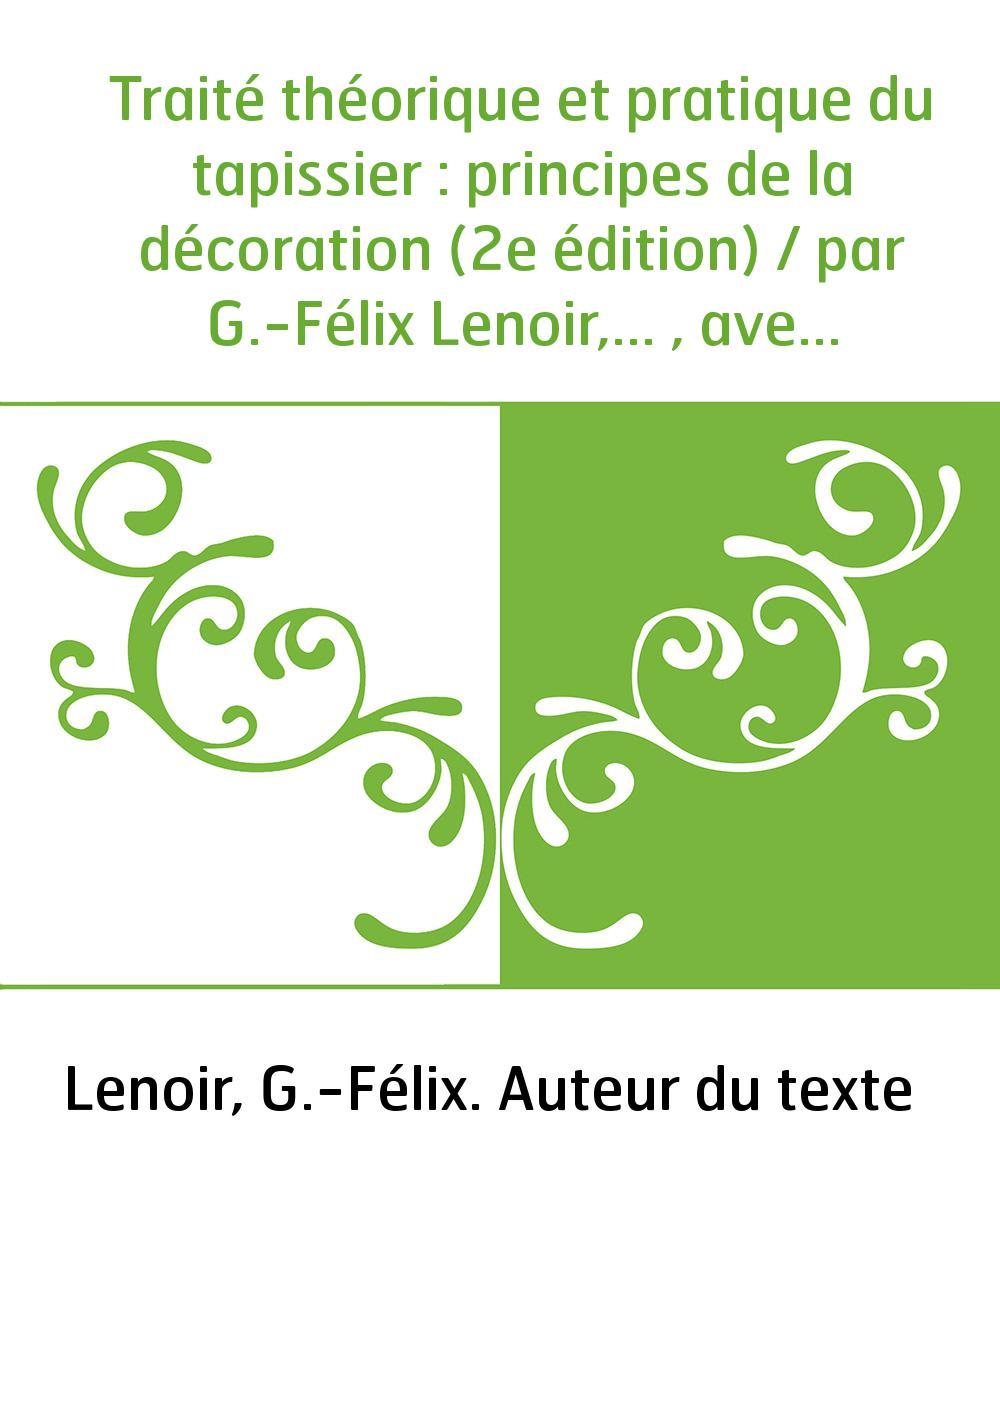 Traité théorique et pratique du tapissier : principes de la décoration (2e édition) / par G.-Félix Lenoir,... , avec la collabor